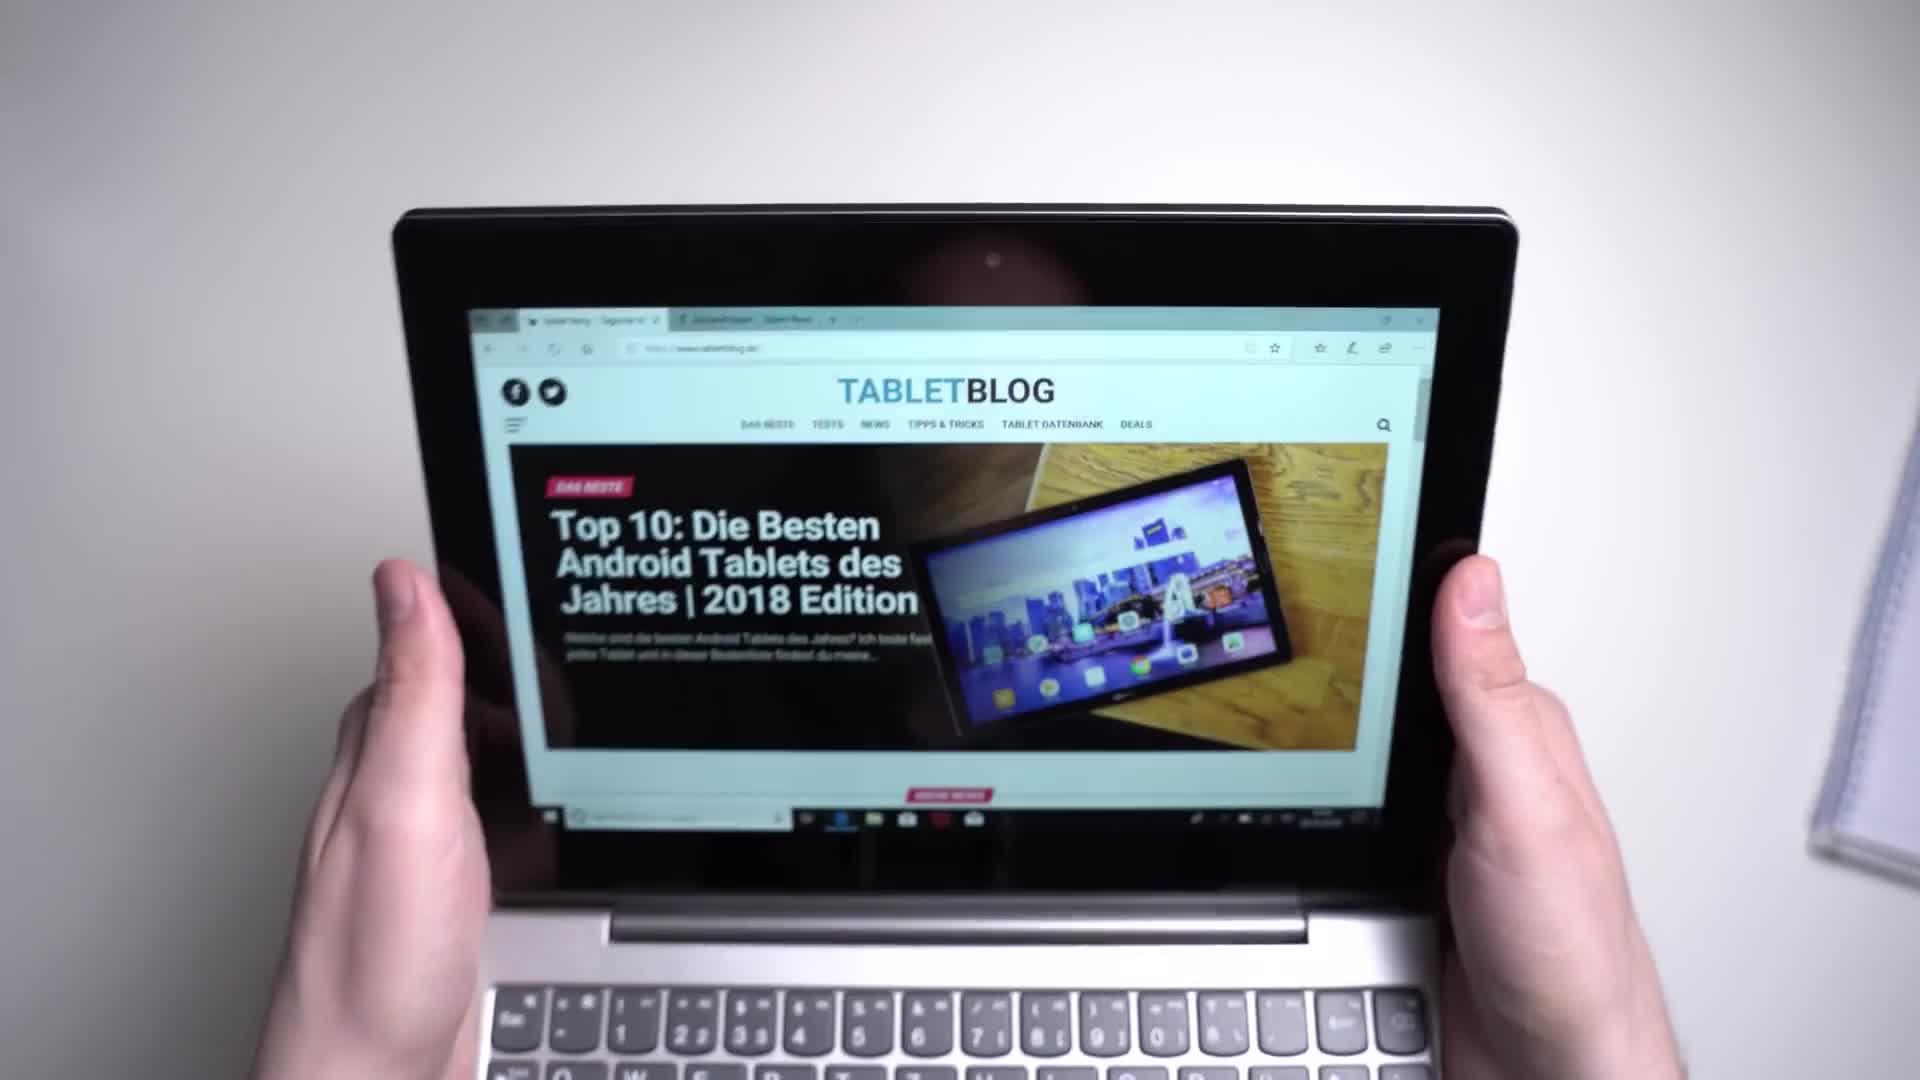 Windows 10, Tablet, Lenovo, Andrzej Tokarski, Tabletblog, Unboxing, Lenovo Ideapad, Lenovo IdeaPad D330, IdeaPad D330, D330